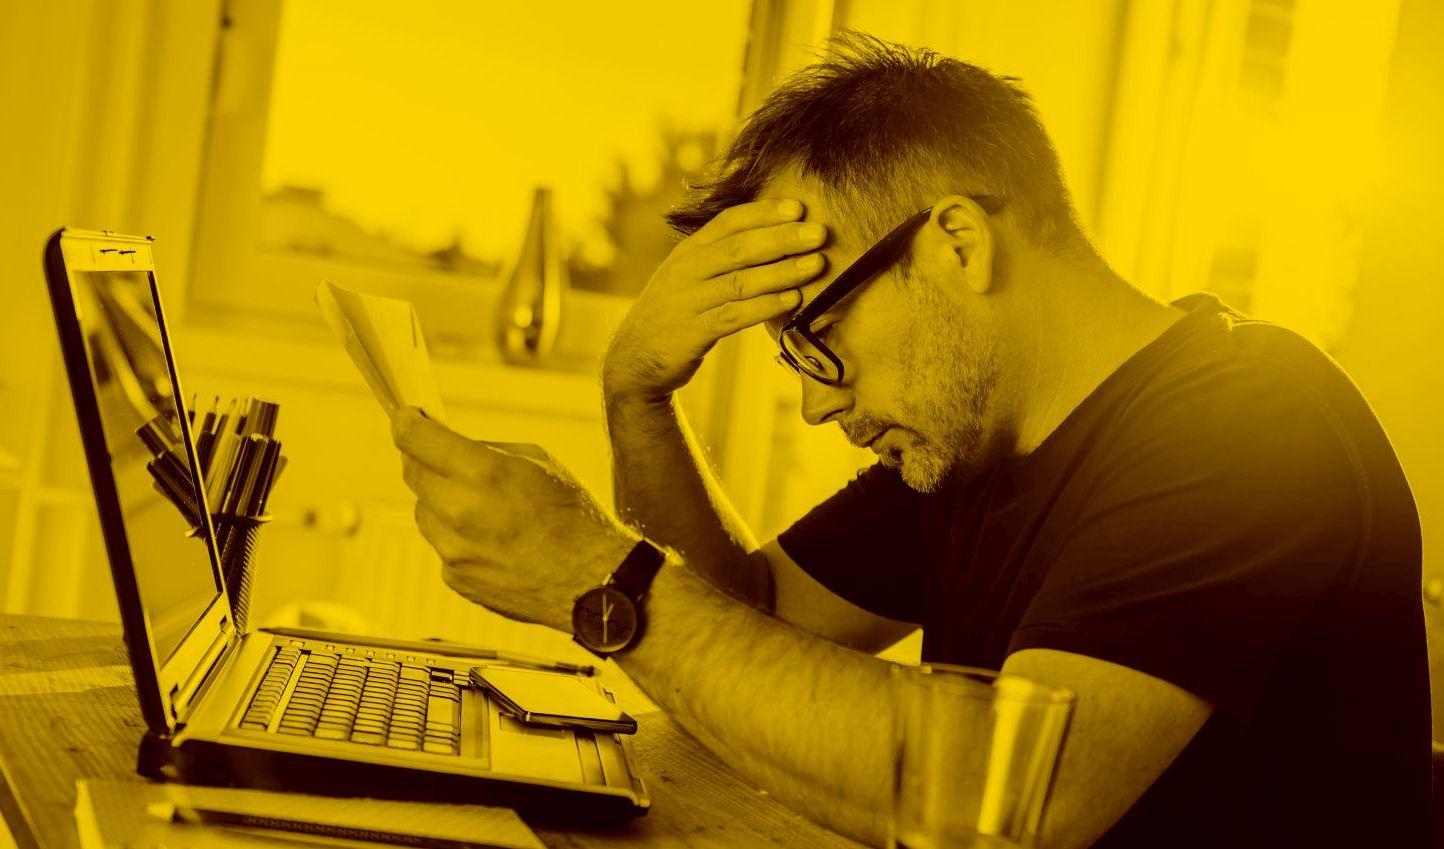 Man hat Datenverlust und ist gestresst